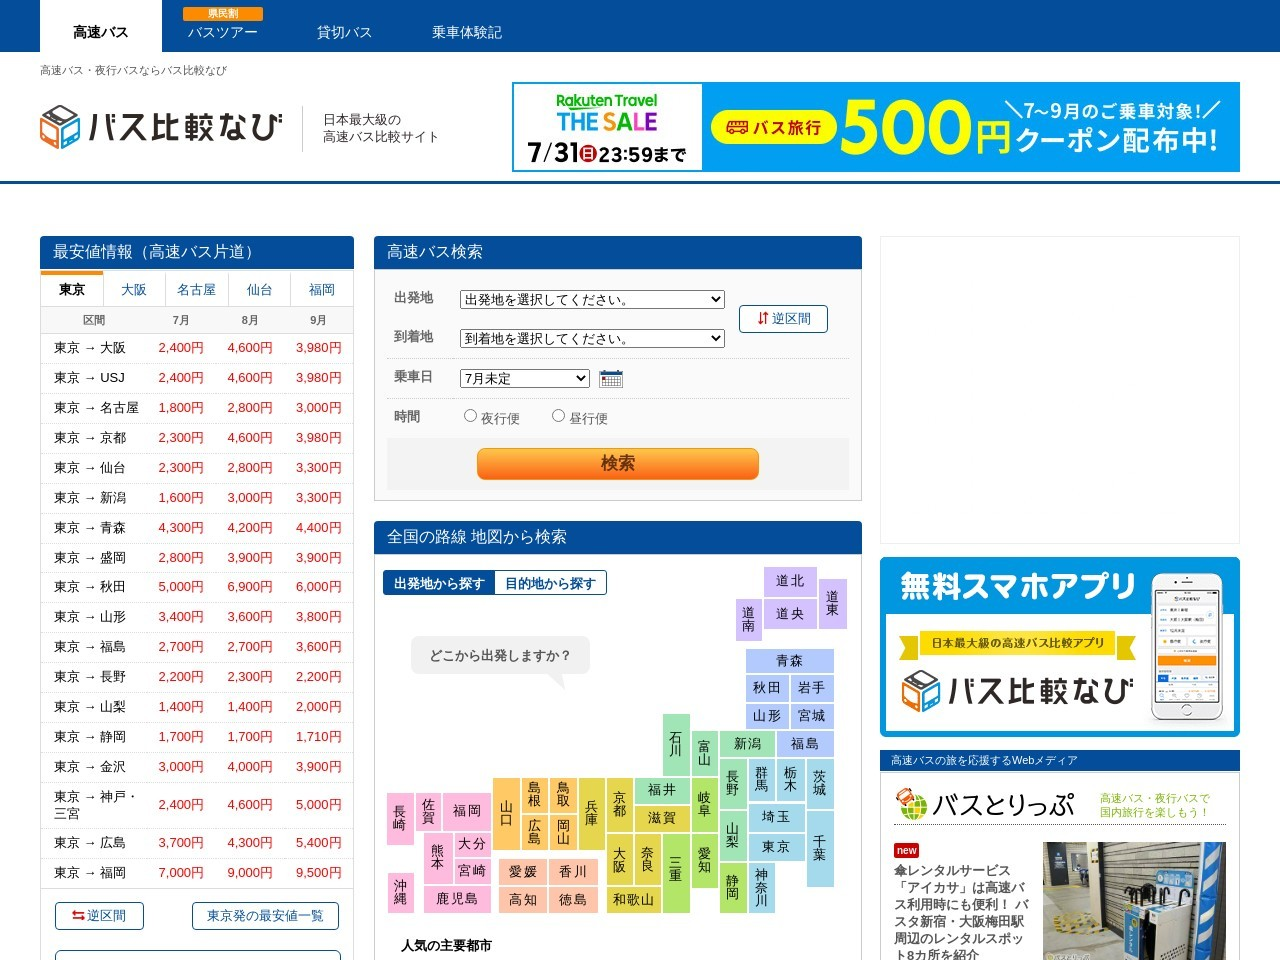 【自動投稿】 北海道をお得に旅できるバスの乗り放題フリーきっぷまとめ! 函館・札幌・小樽・網走・釧路 …